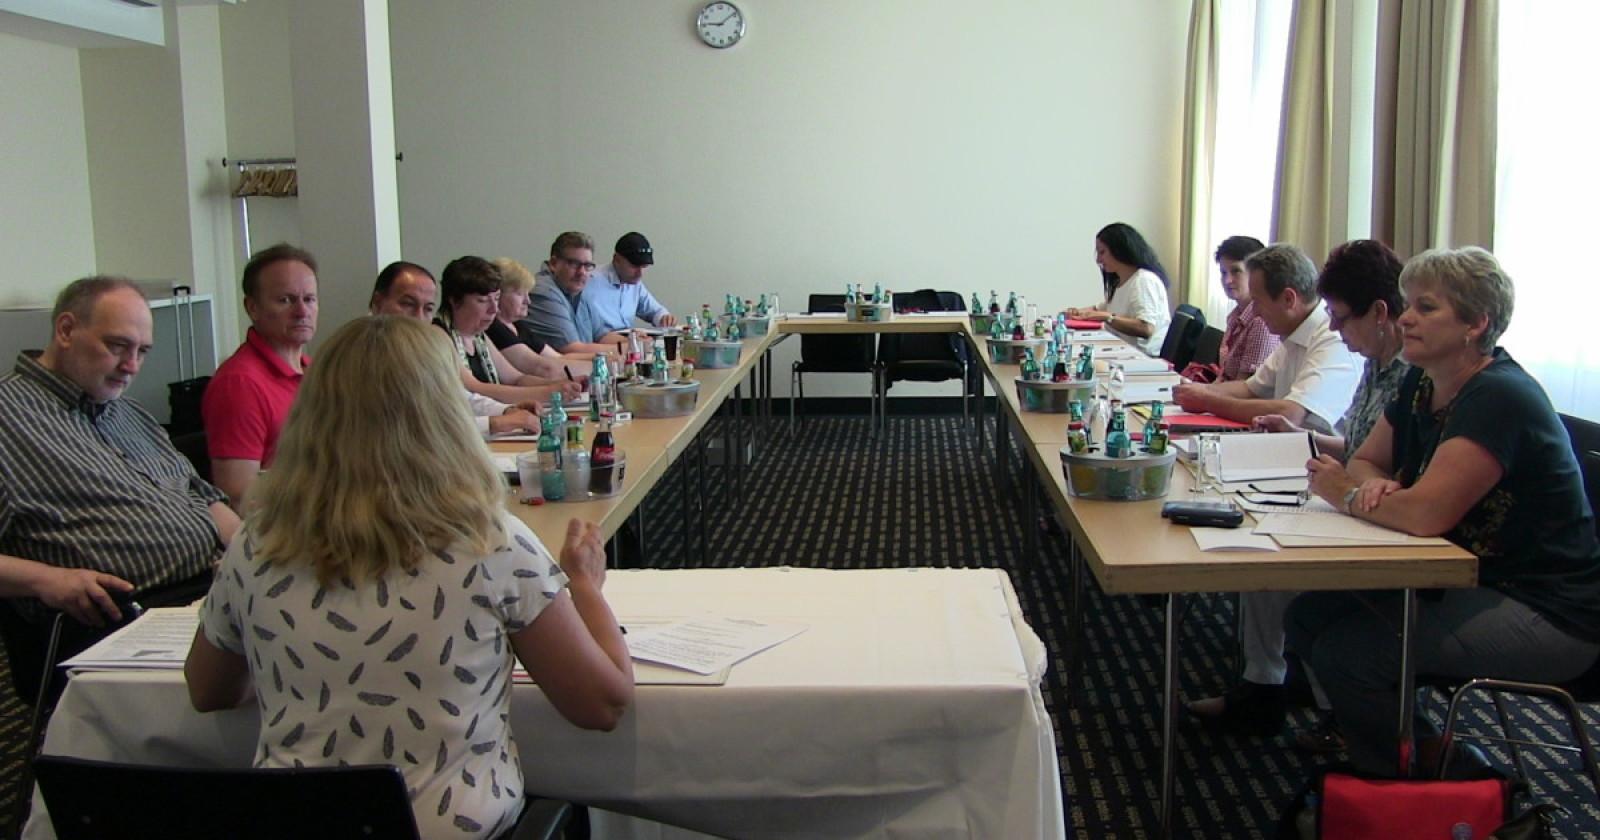 +++Zweite Verhandlungsrunde im Gebäudereiniger-Handwerk startet heute in Frankfurt+++